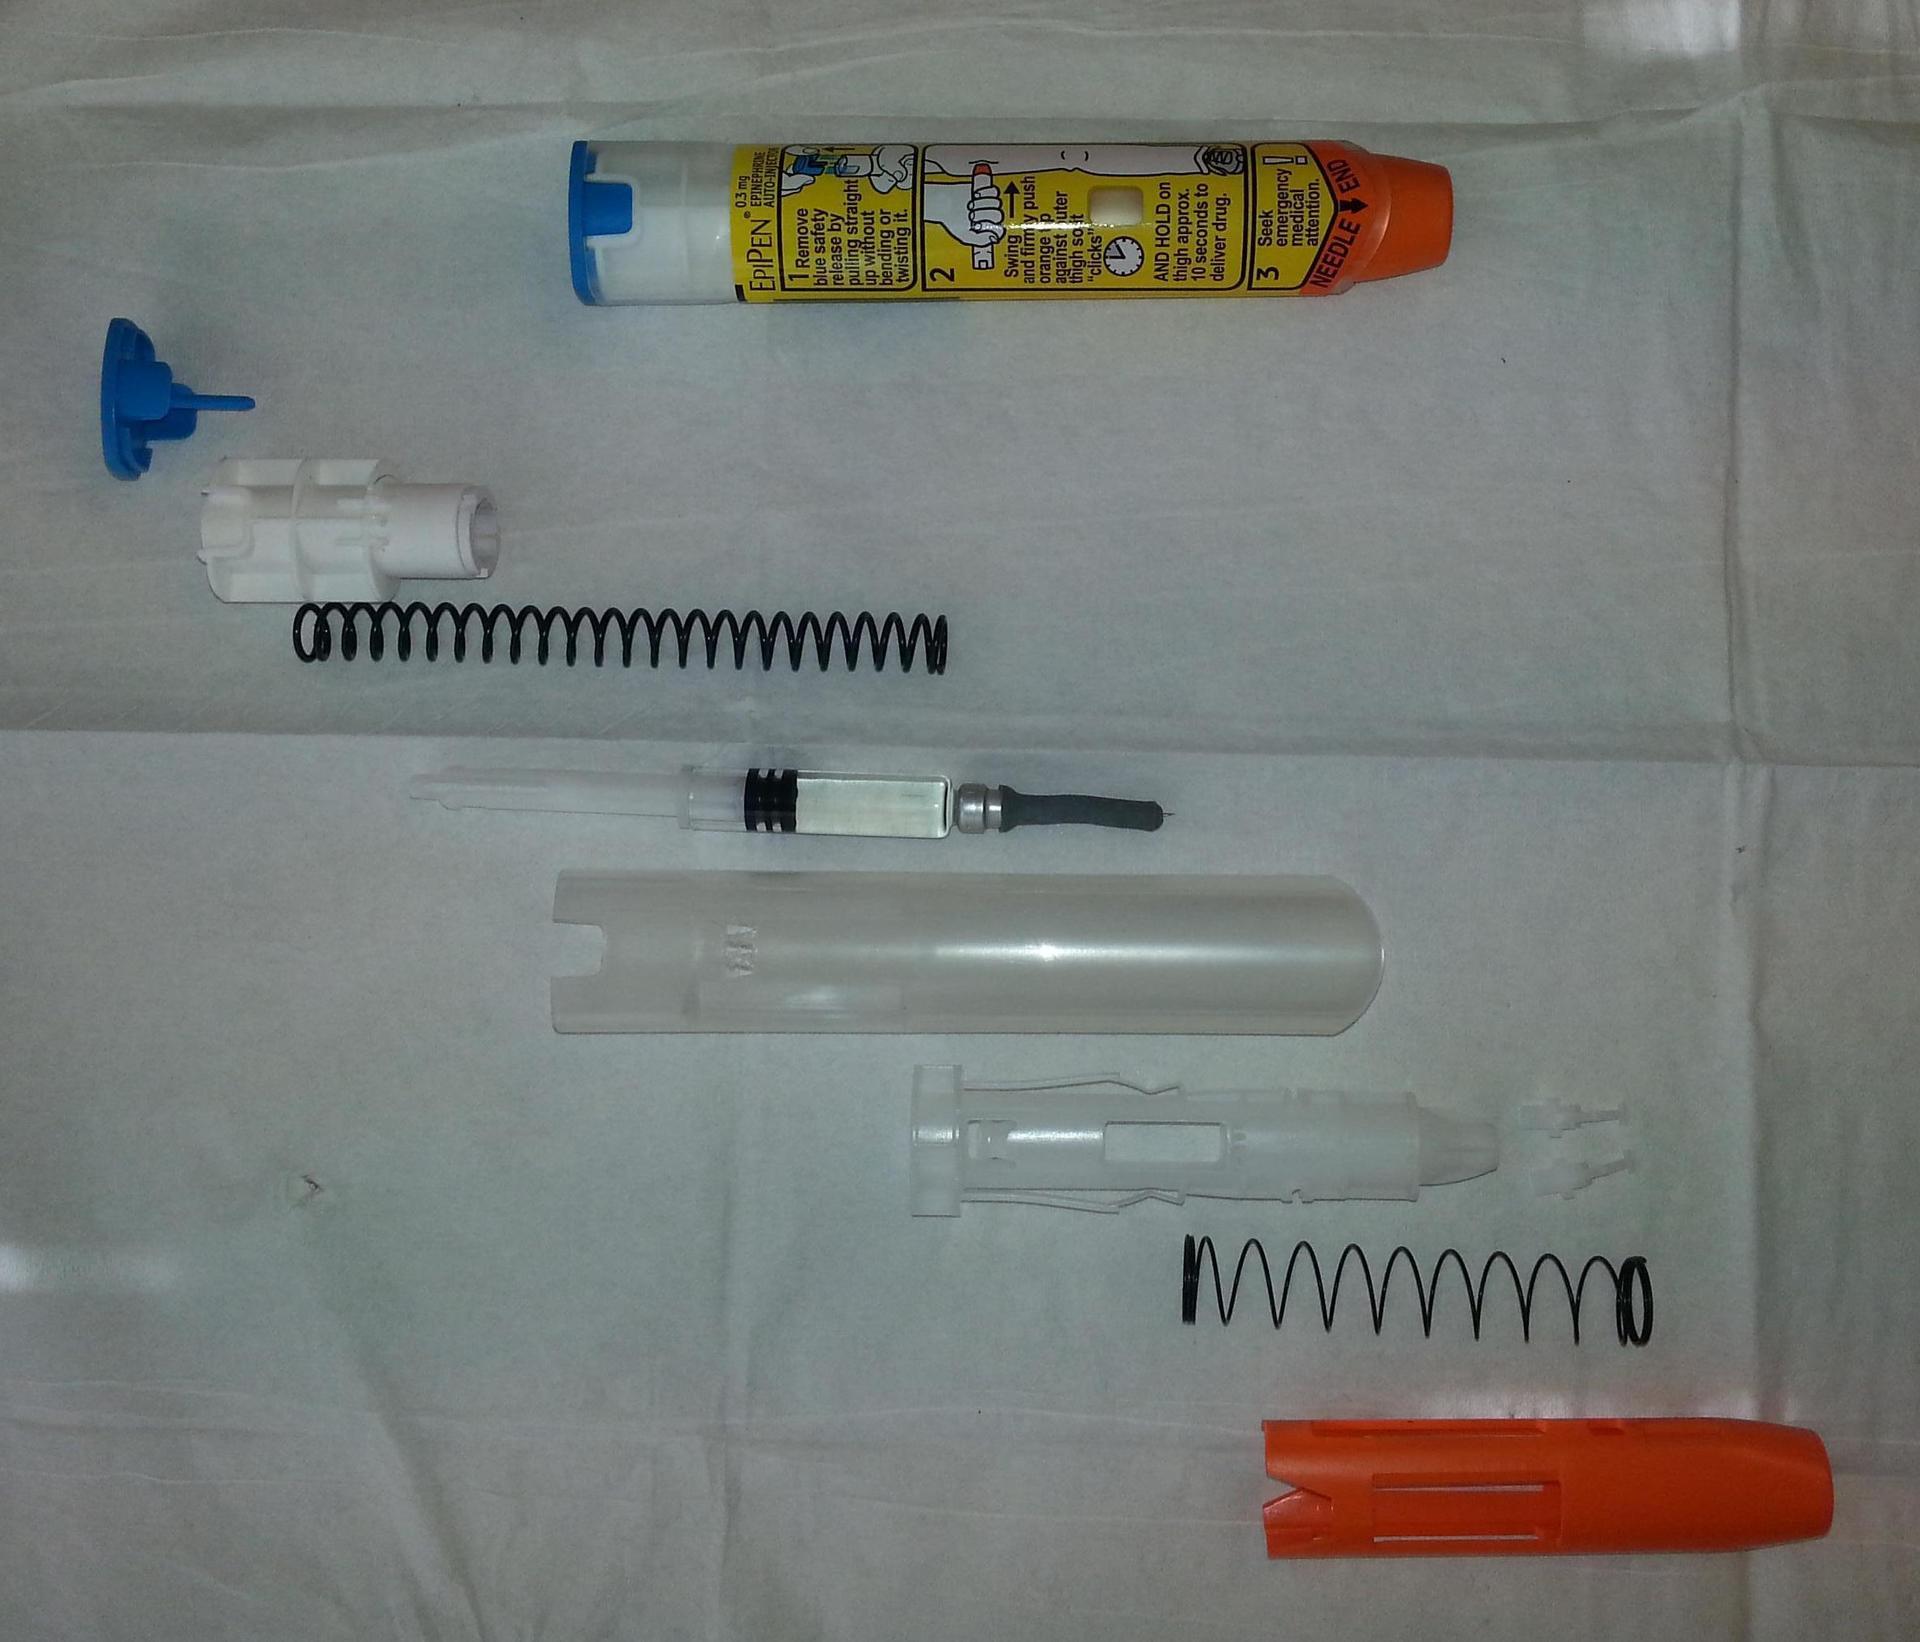 Правообладатель резко поднял цену на жизненно важное устройство EpiPen. Поможет ли 3D-печать? - 3